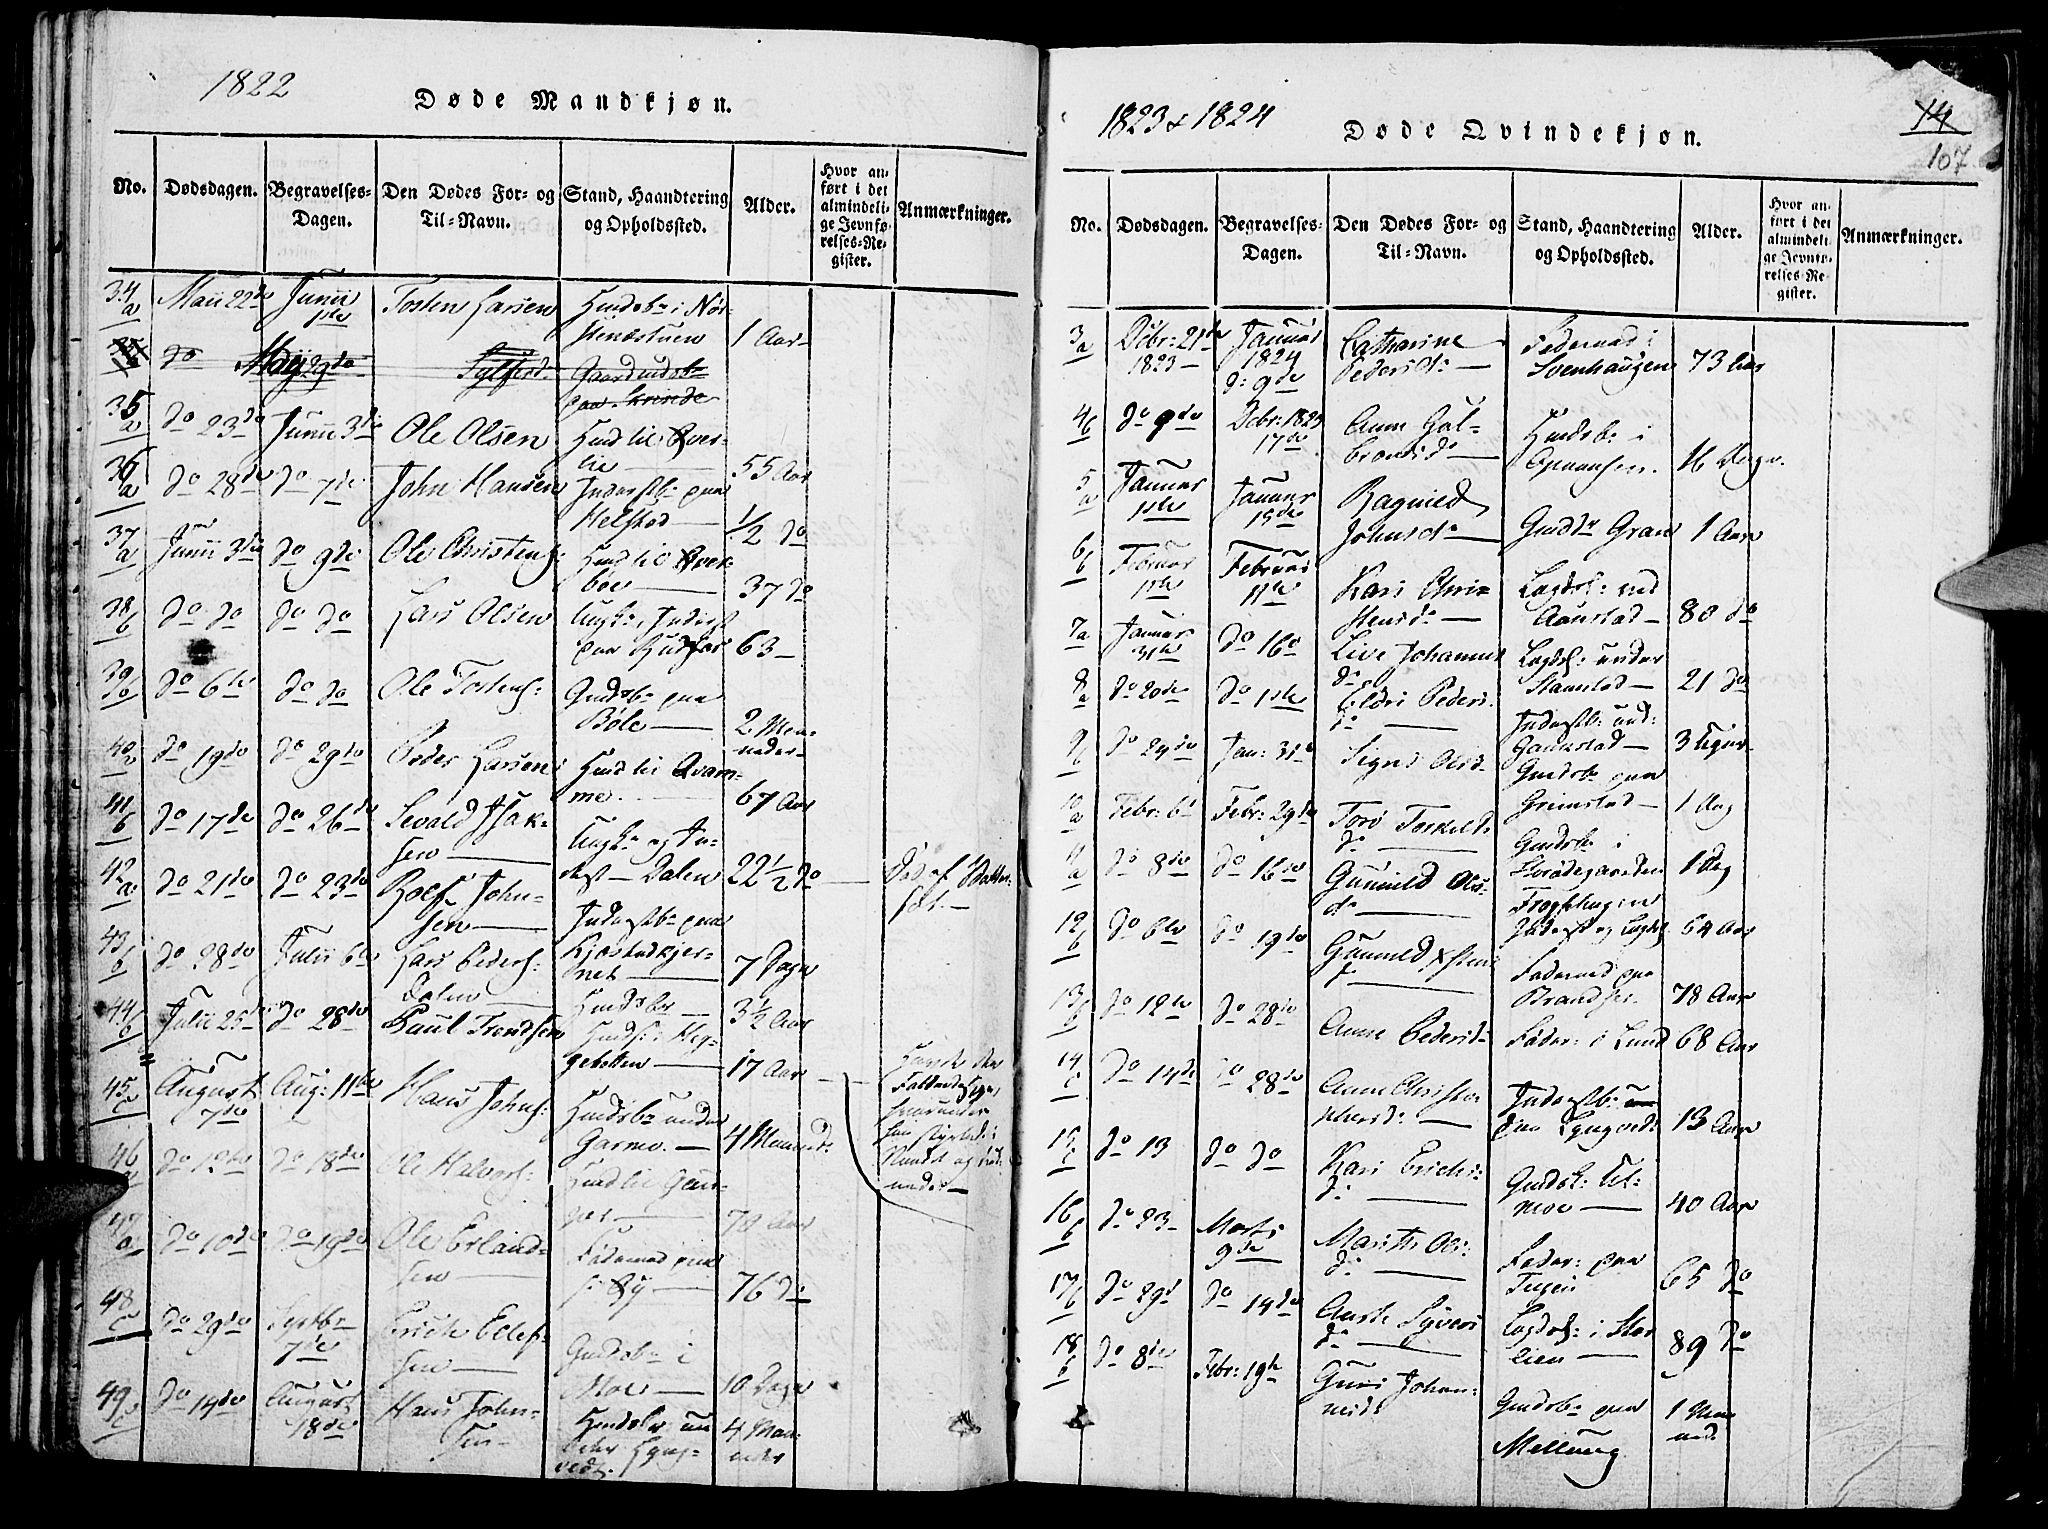 SAH, Lom prestekontor, K/L0004: Ministerialbok nr. 4, 1815-1825, s. 107